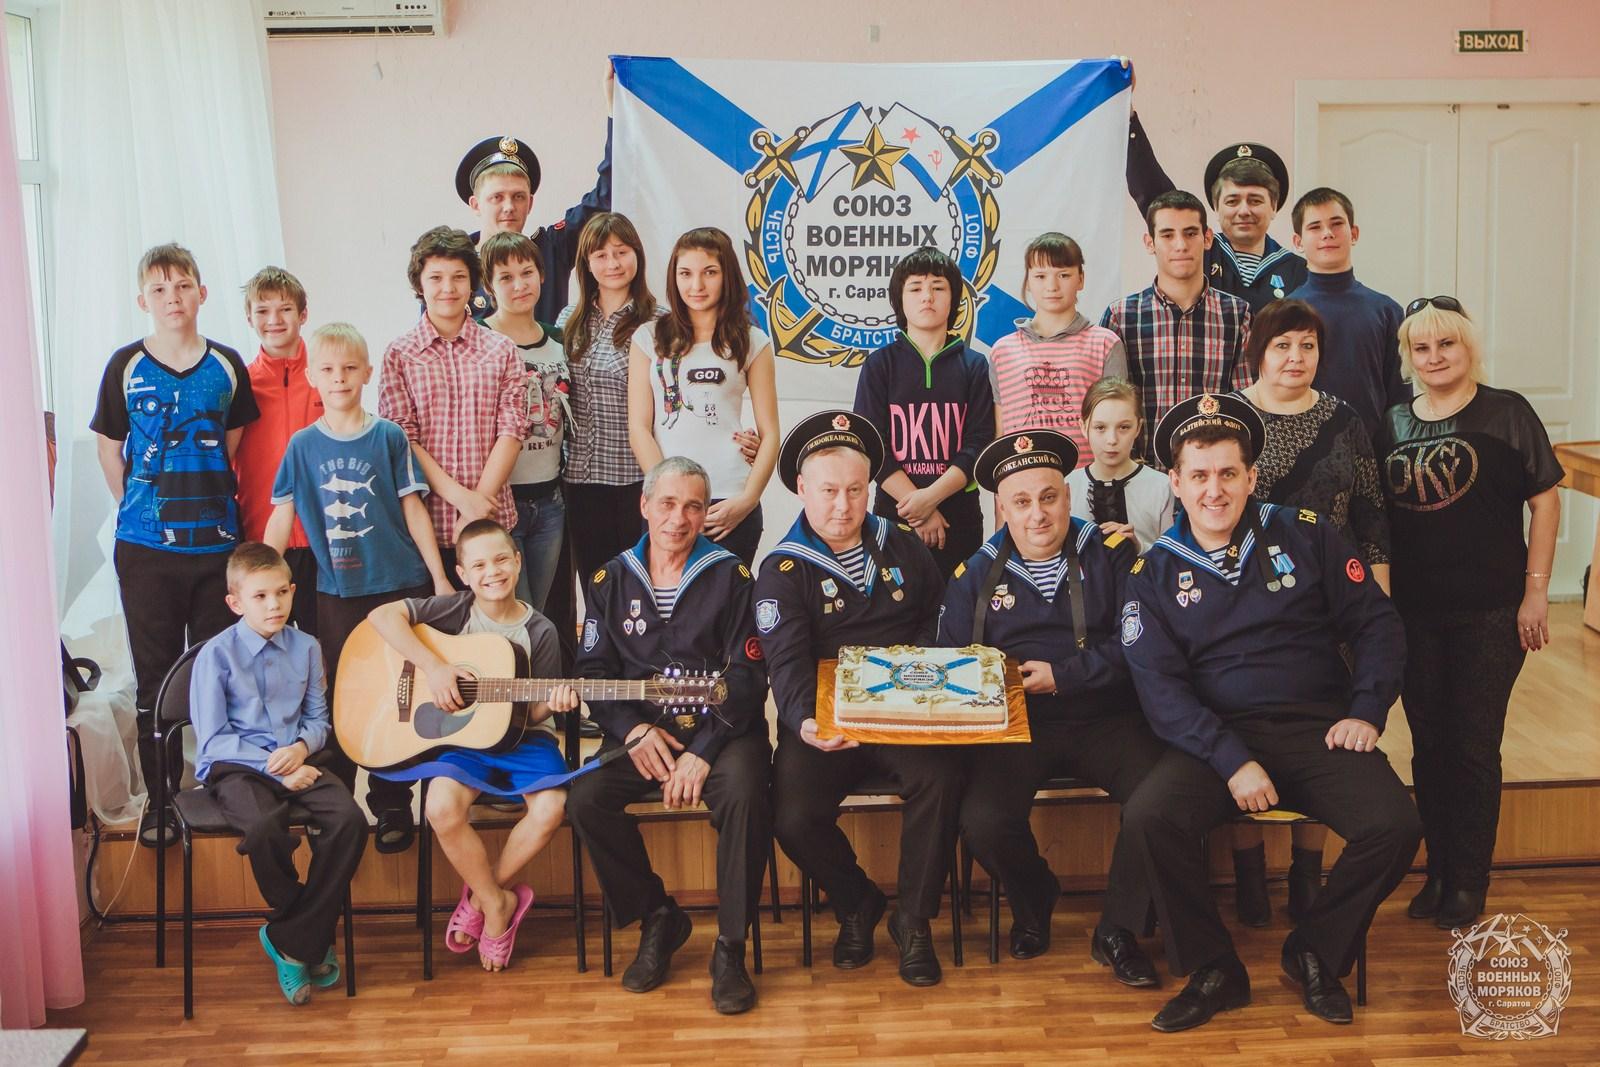 СВМ в гостях у детей из социально-реабилитационного центра «Возвращение» 12.04.16